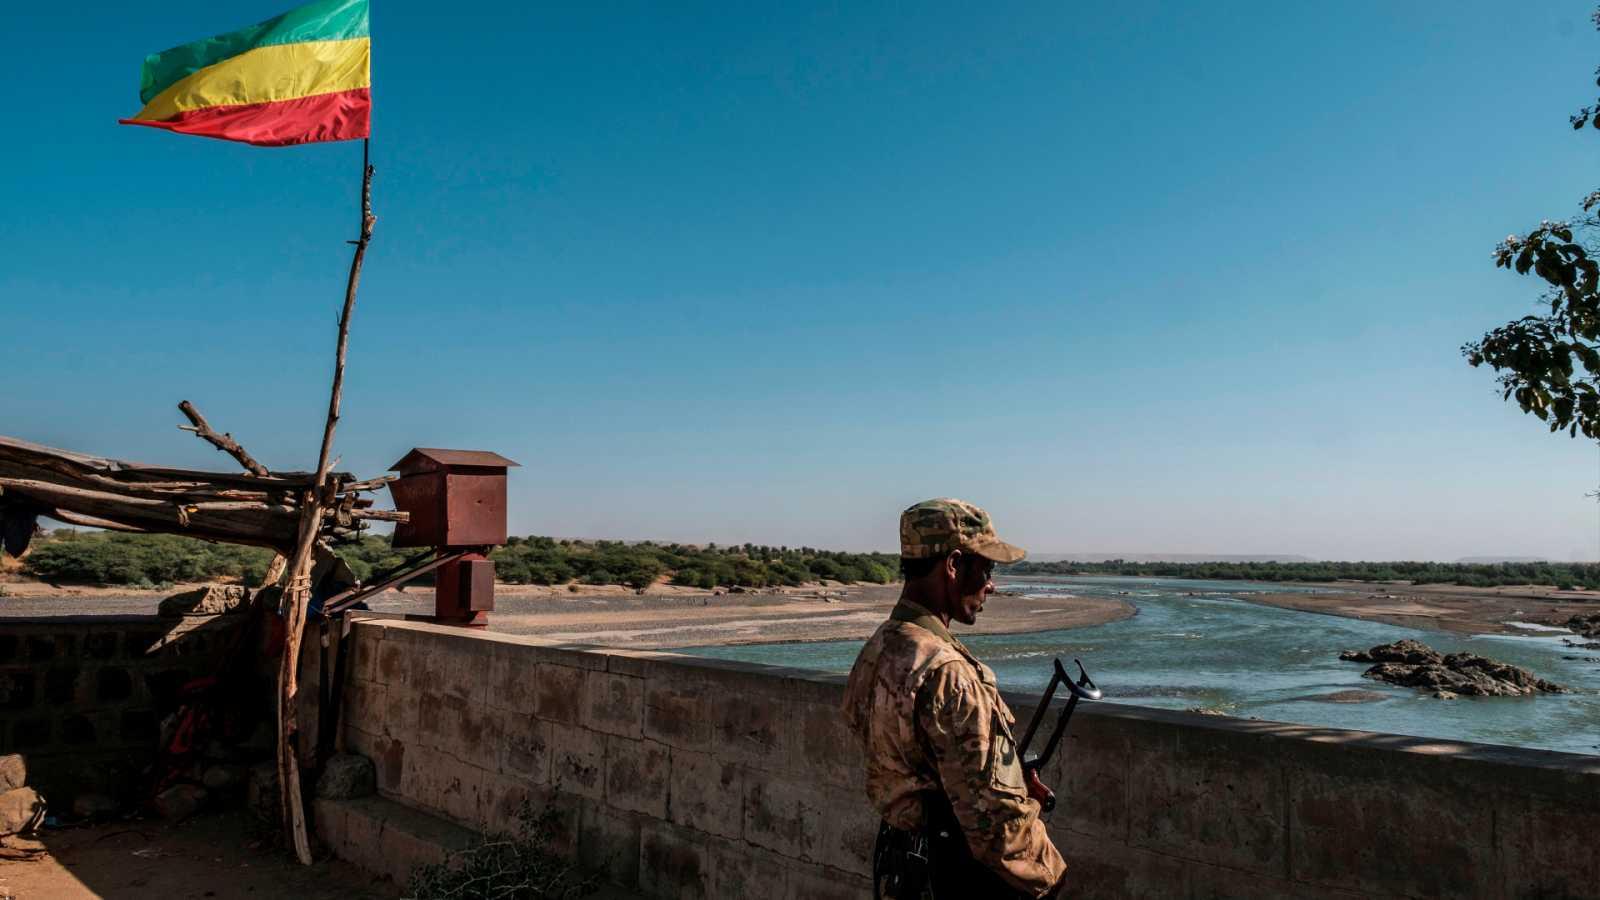 Cinco continentes - Etiopía: descodificando el conflicto étnico en Tigray - Escuchar ahora